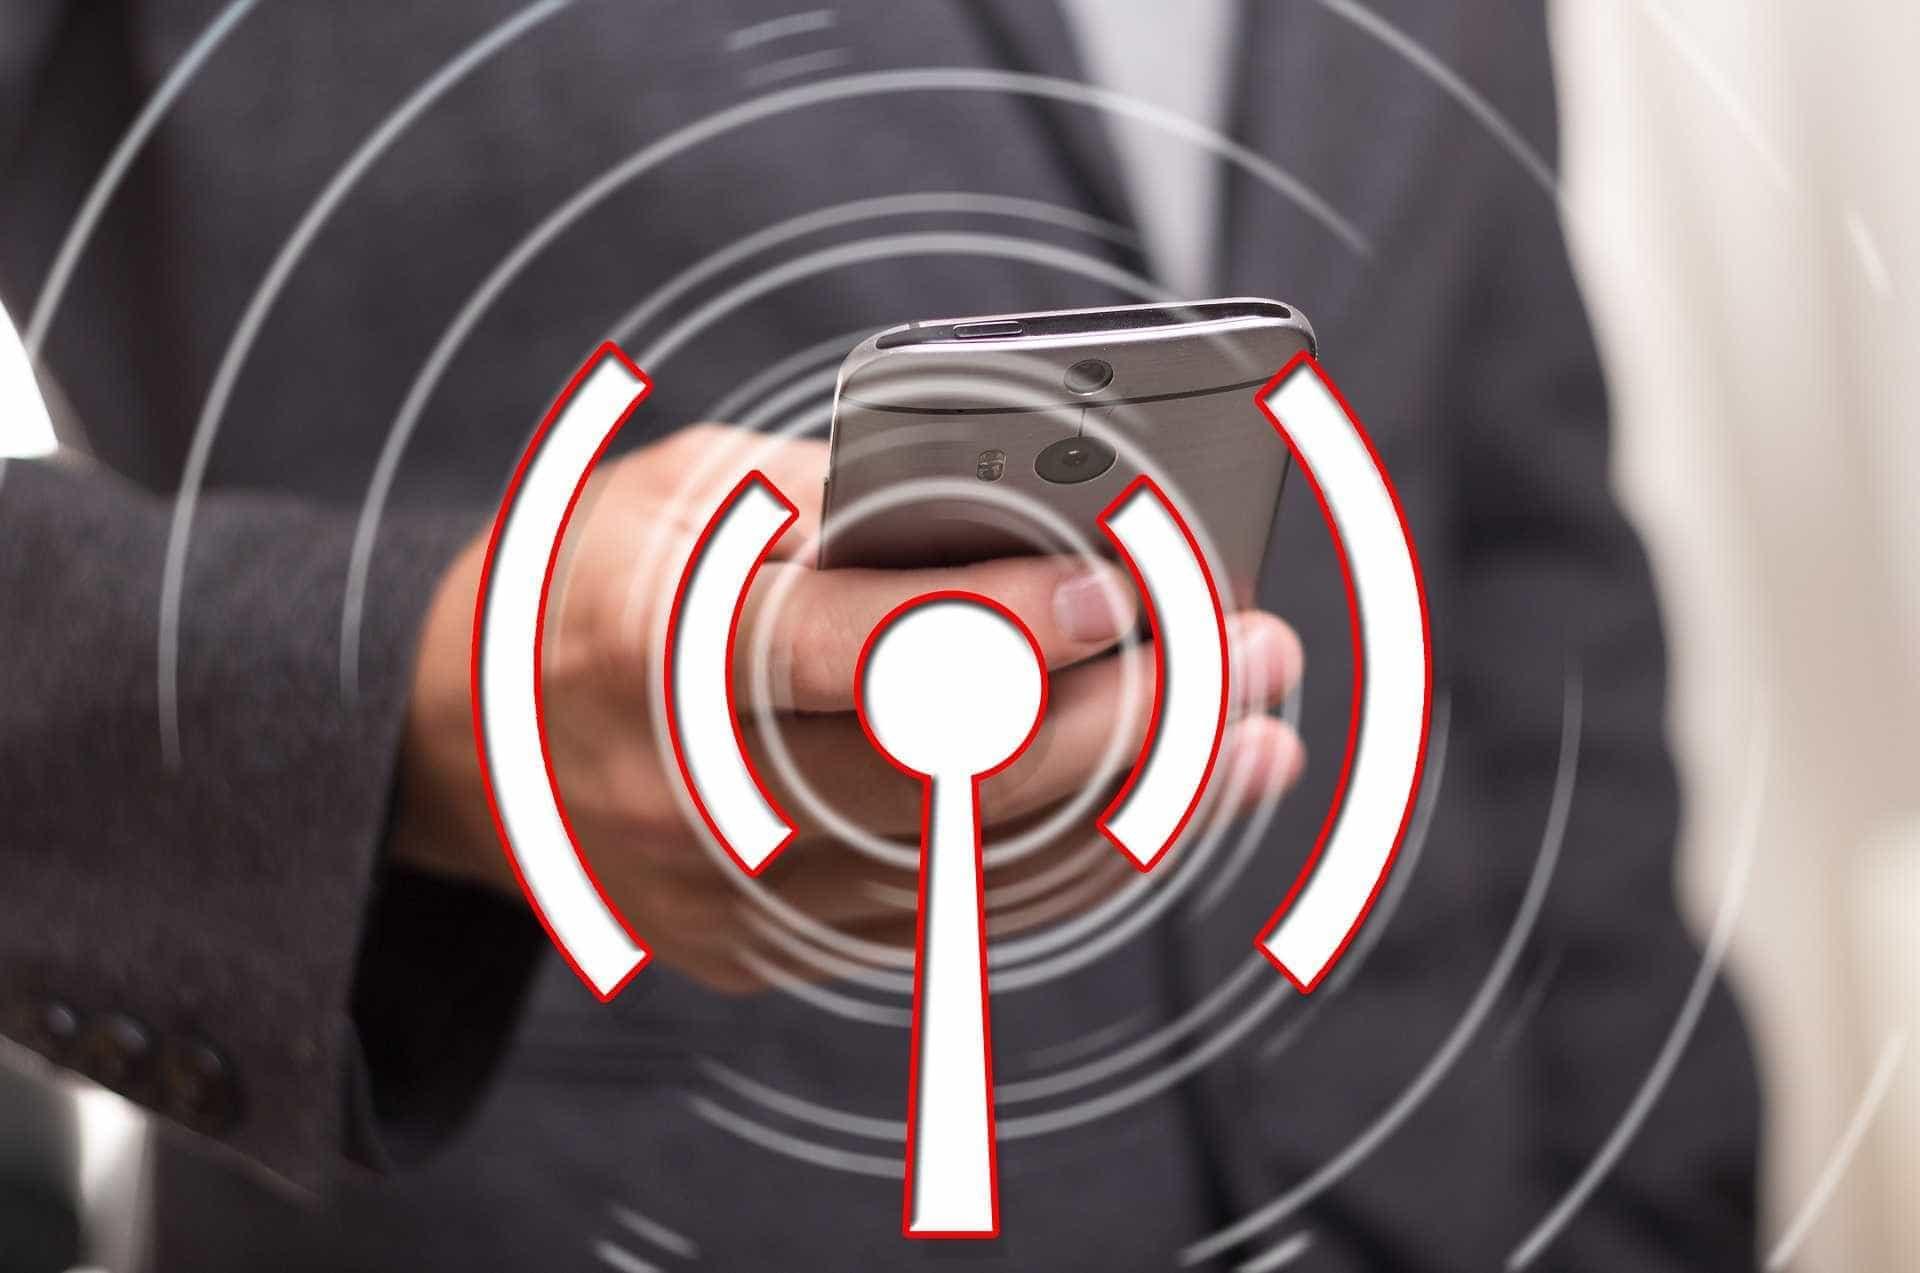 Estudiosos trabalham em tecnologia que transforma Wi-Fi em eletricidade